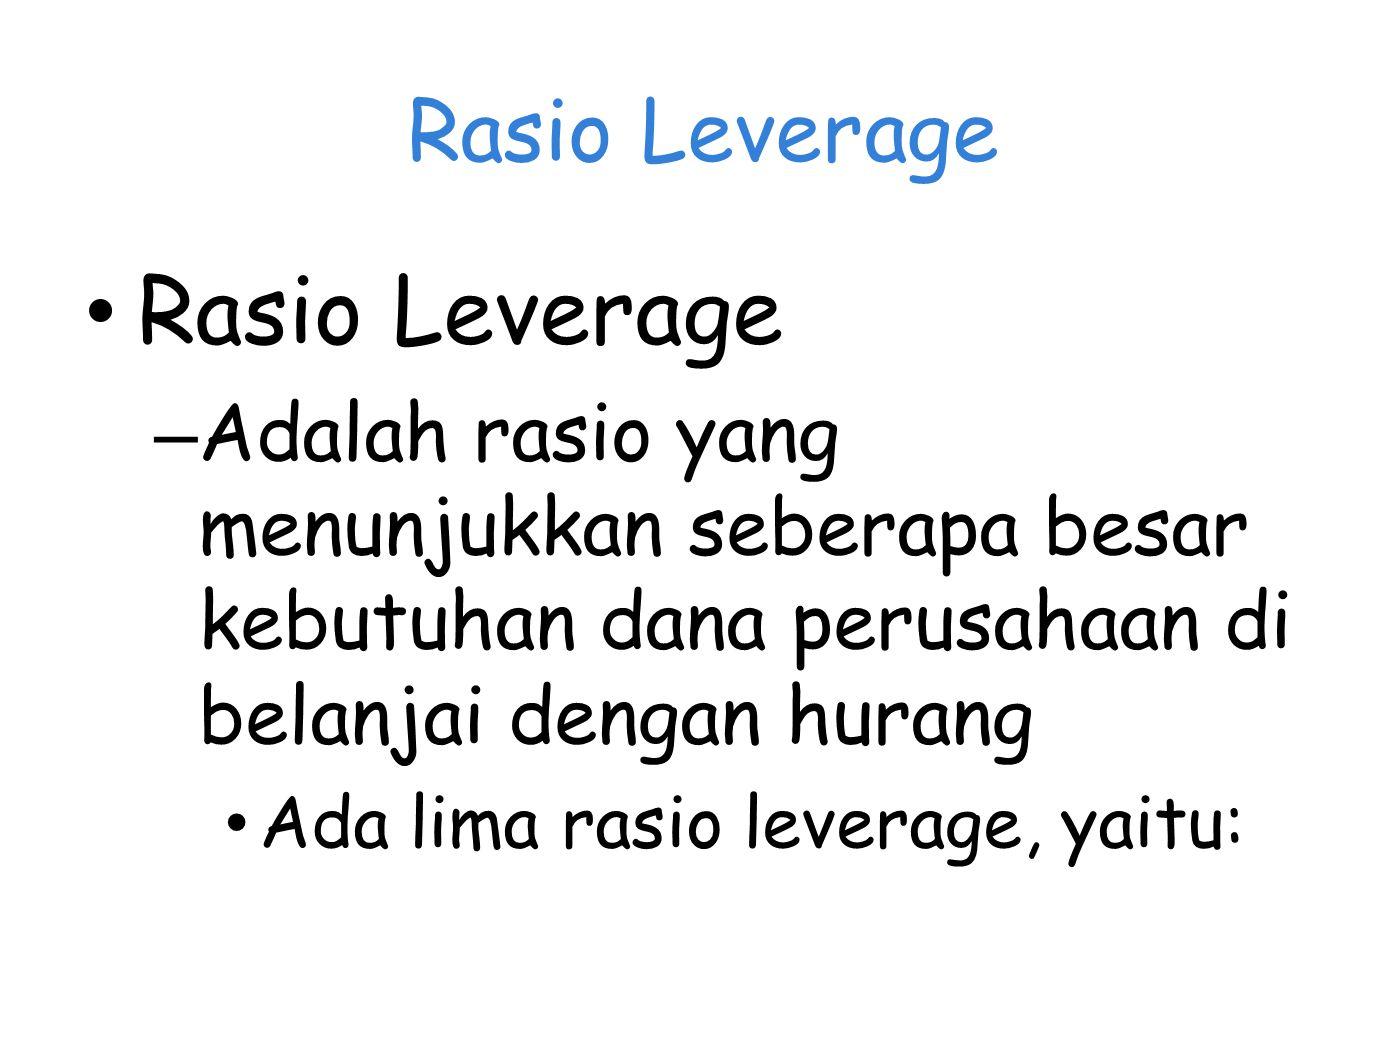 Rasio Leverage – Adalah rasio yang menunjukkan seberapa besar kebutuhan dana perusahaan di belanjai dengan hurang Ada lima rasio leverage, yaitu: